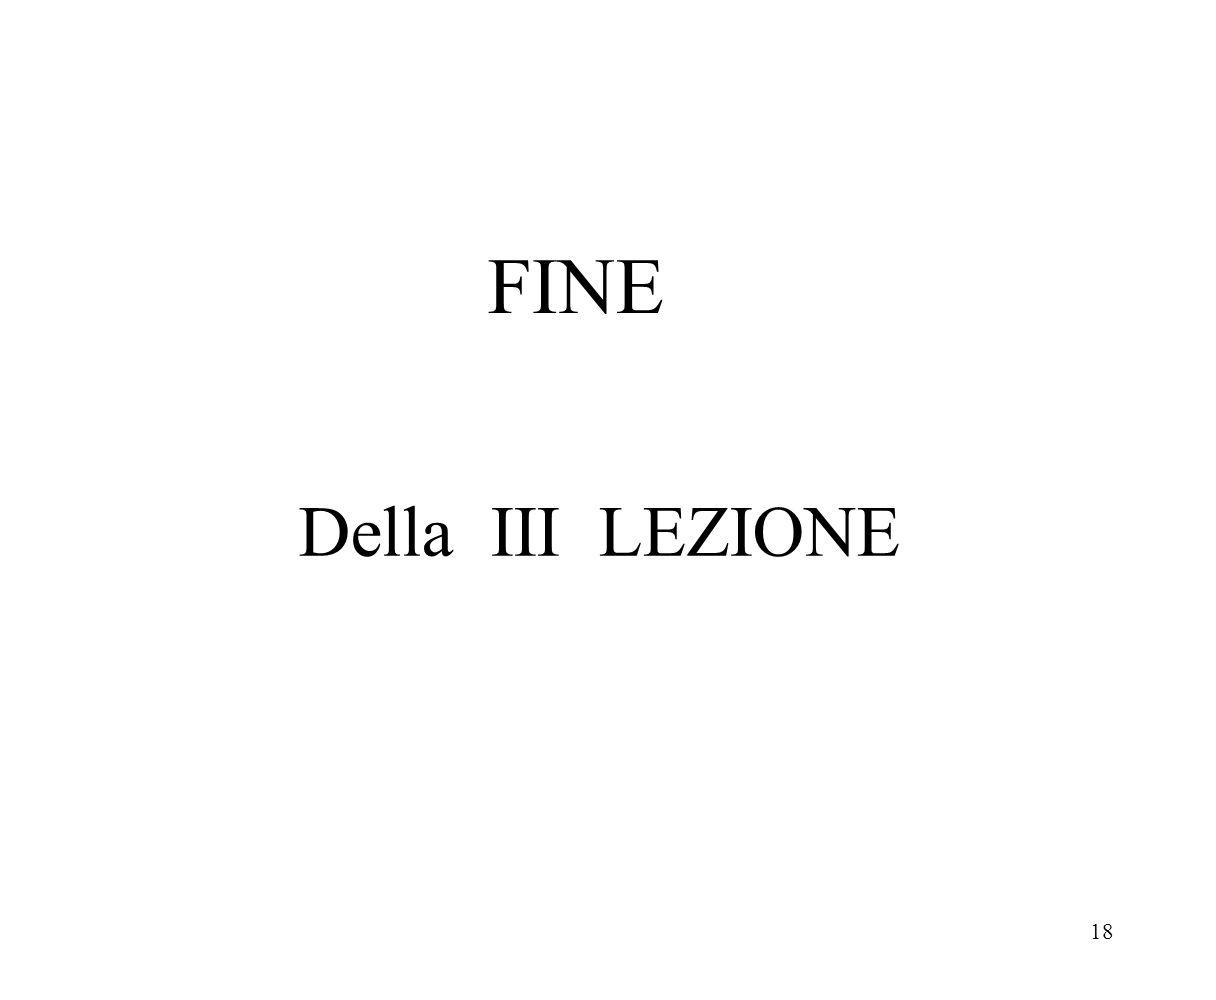 FINE Della III LEZIONE